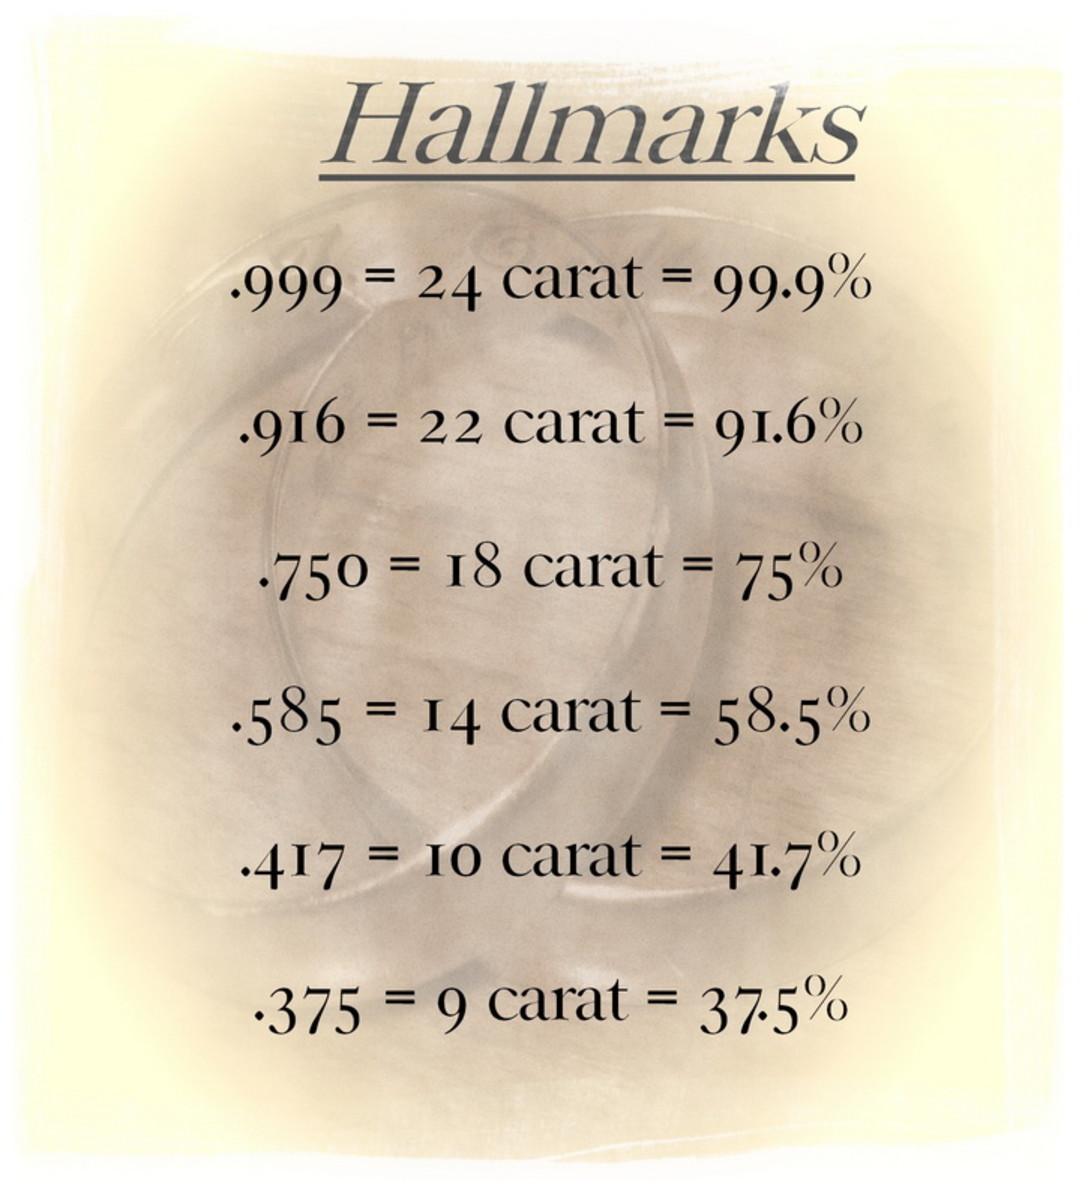 List of gold hallmarks